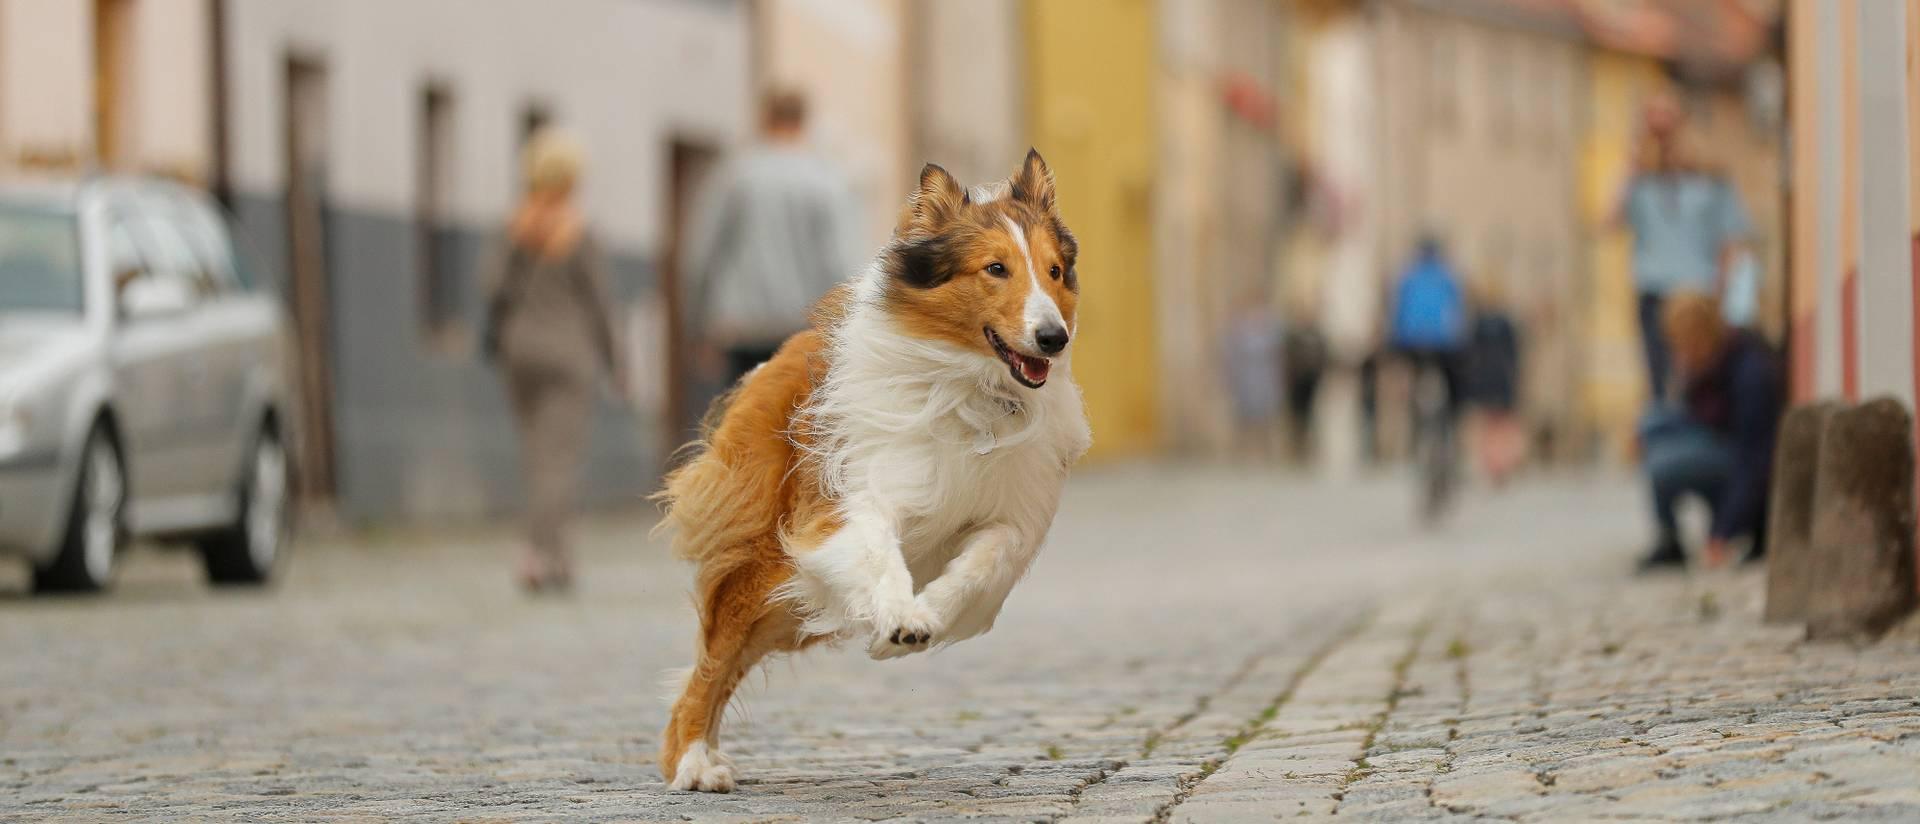 Lassie kommer hjem Lassie kommer hjem [8]